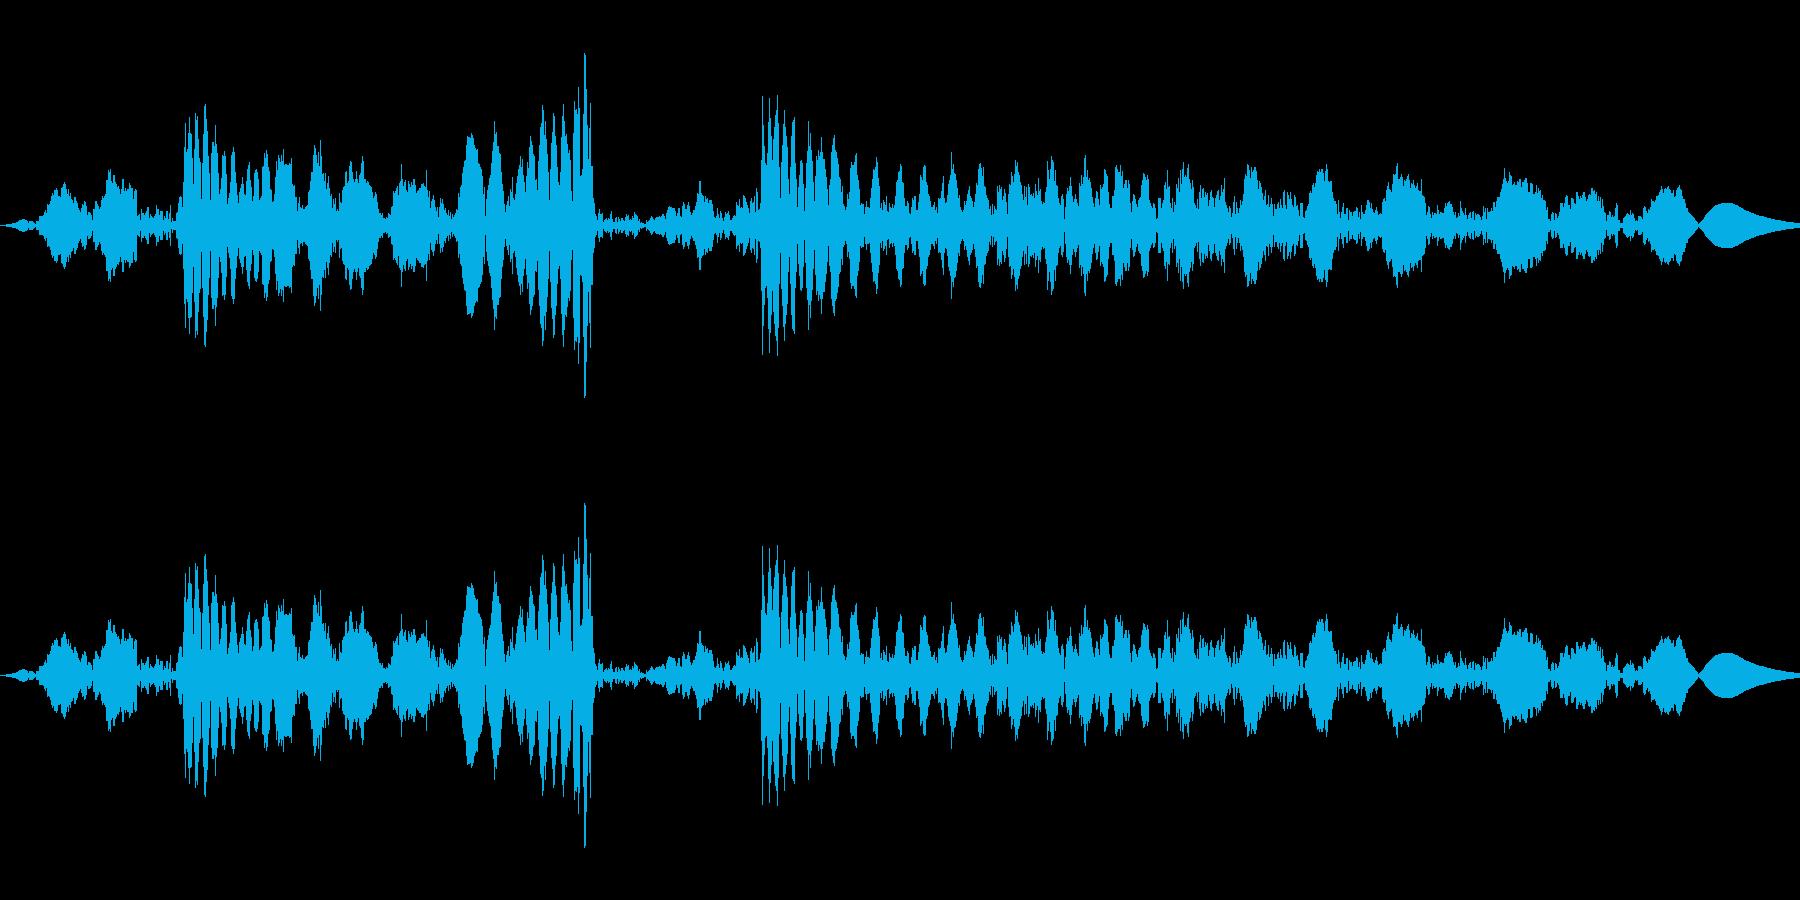 ジュクジュー:レコードのスクラッチ:モノの再生済みの波形